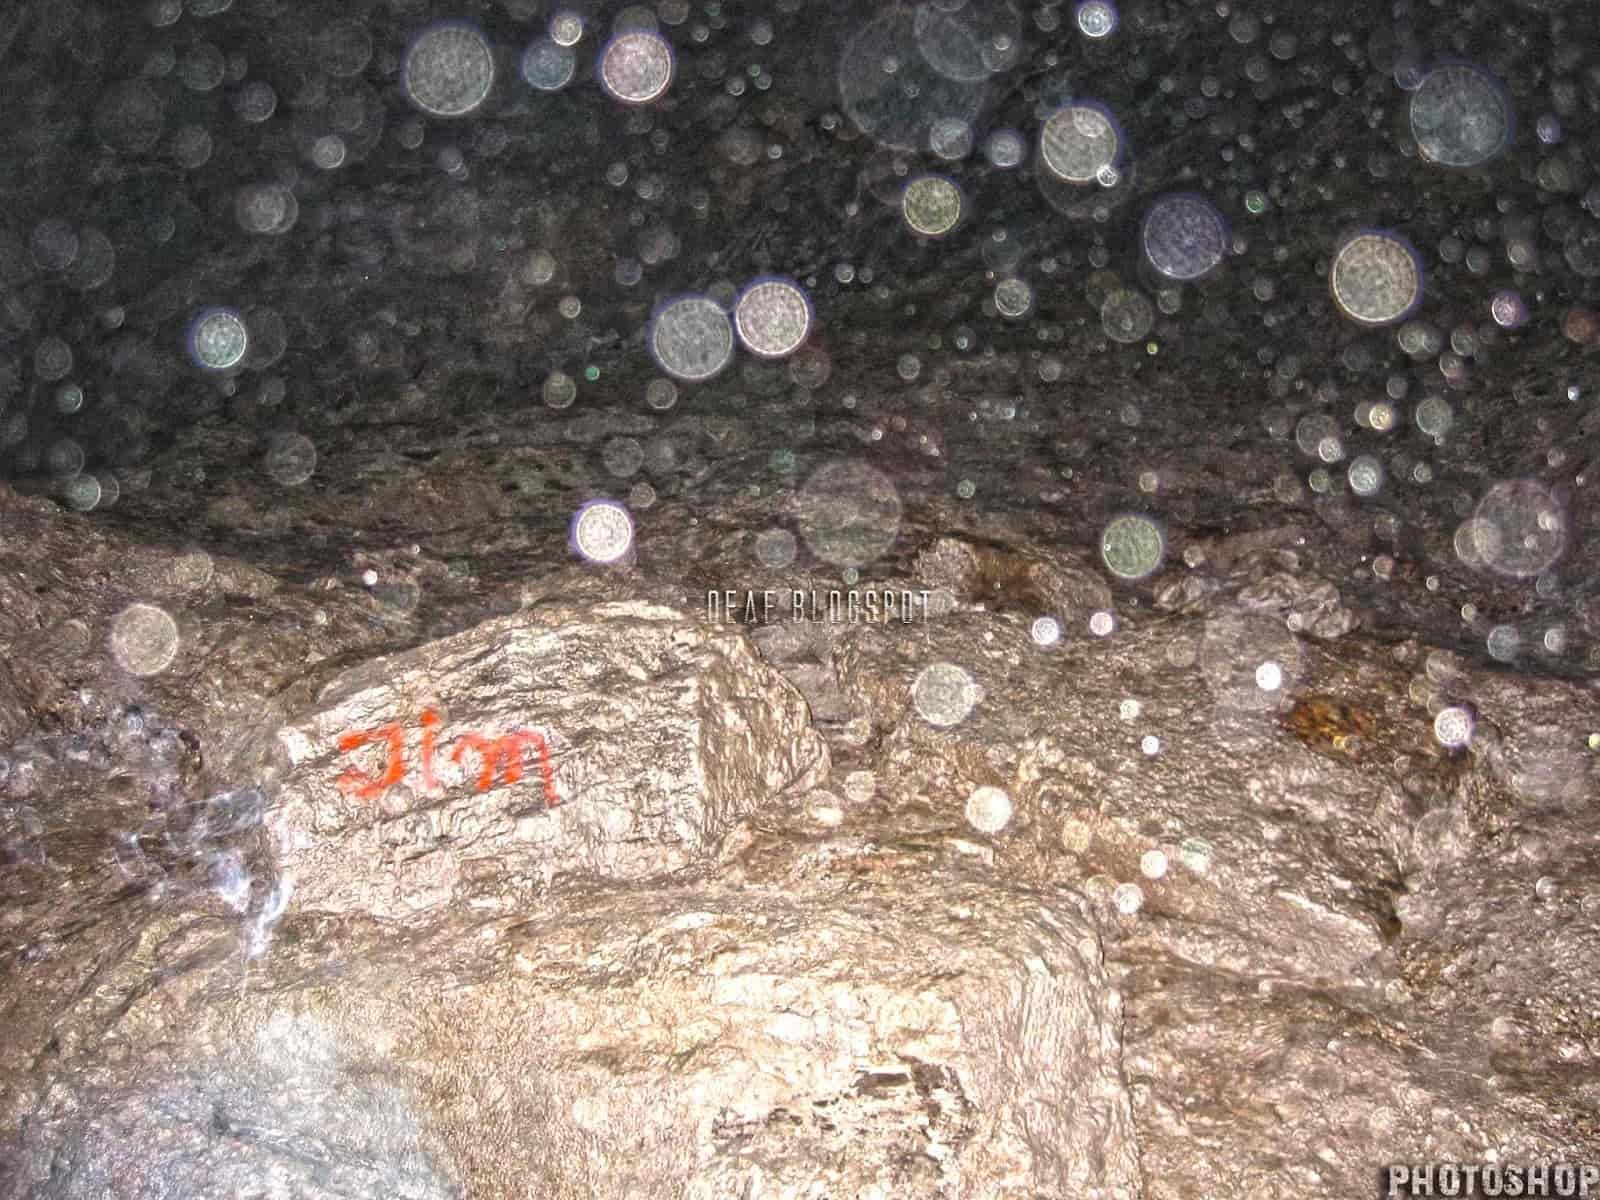 Τι Υπάρχει και Ζει Μέσα στο Σπήλαιο της Πεντέλης (εκπληκτικές φωτογραφίες και video) - Εικόνα26